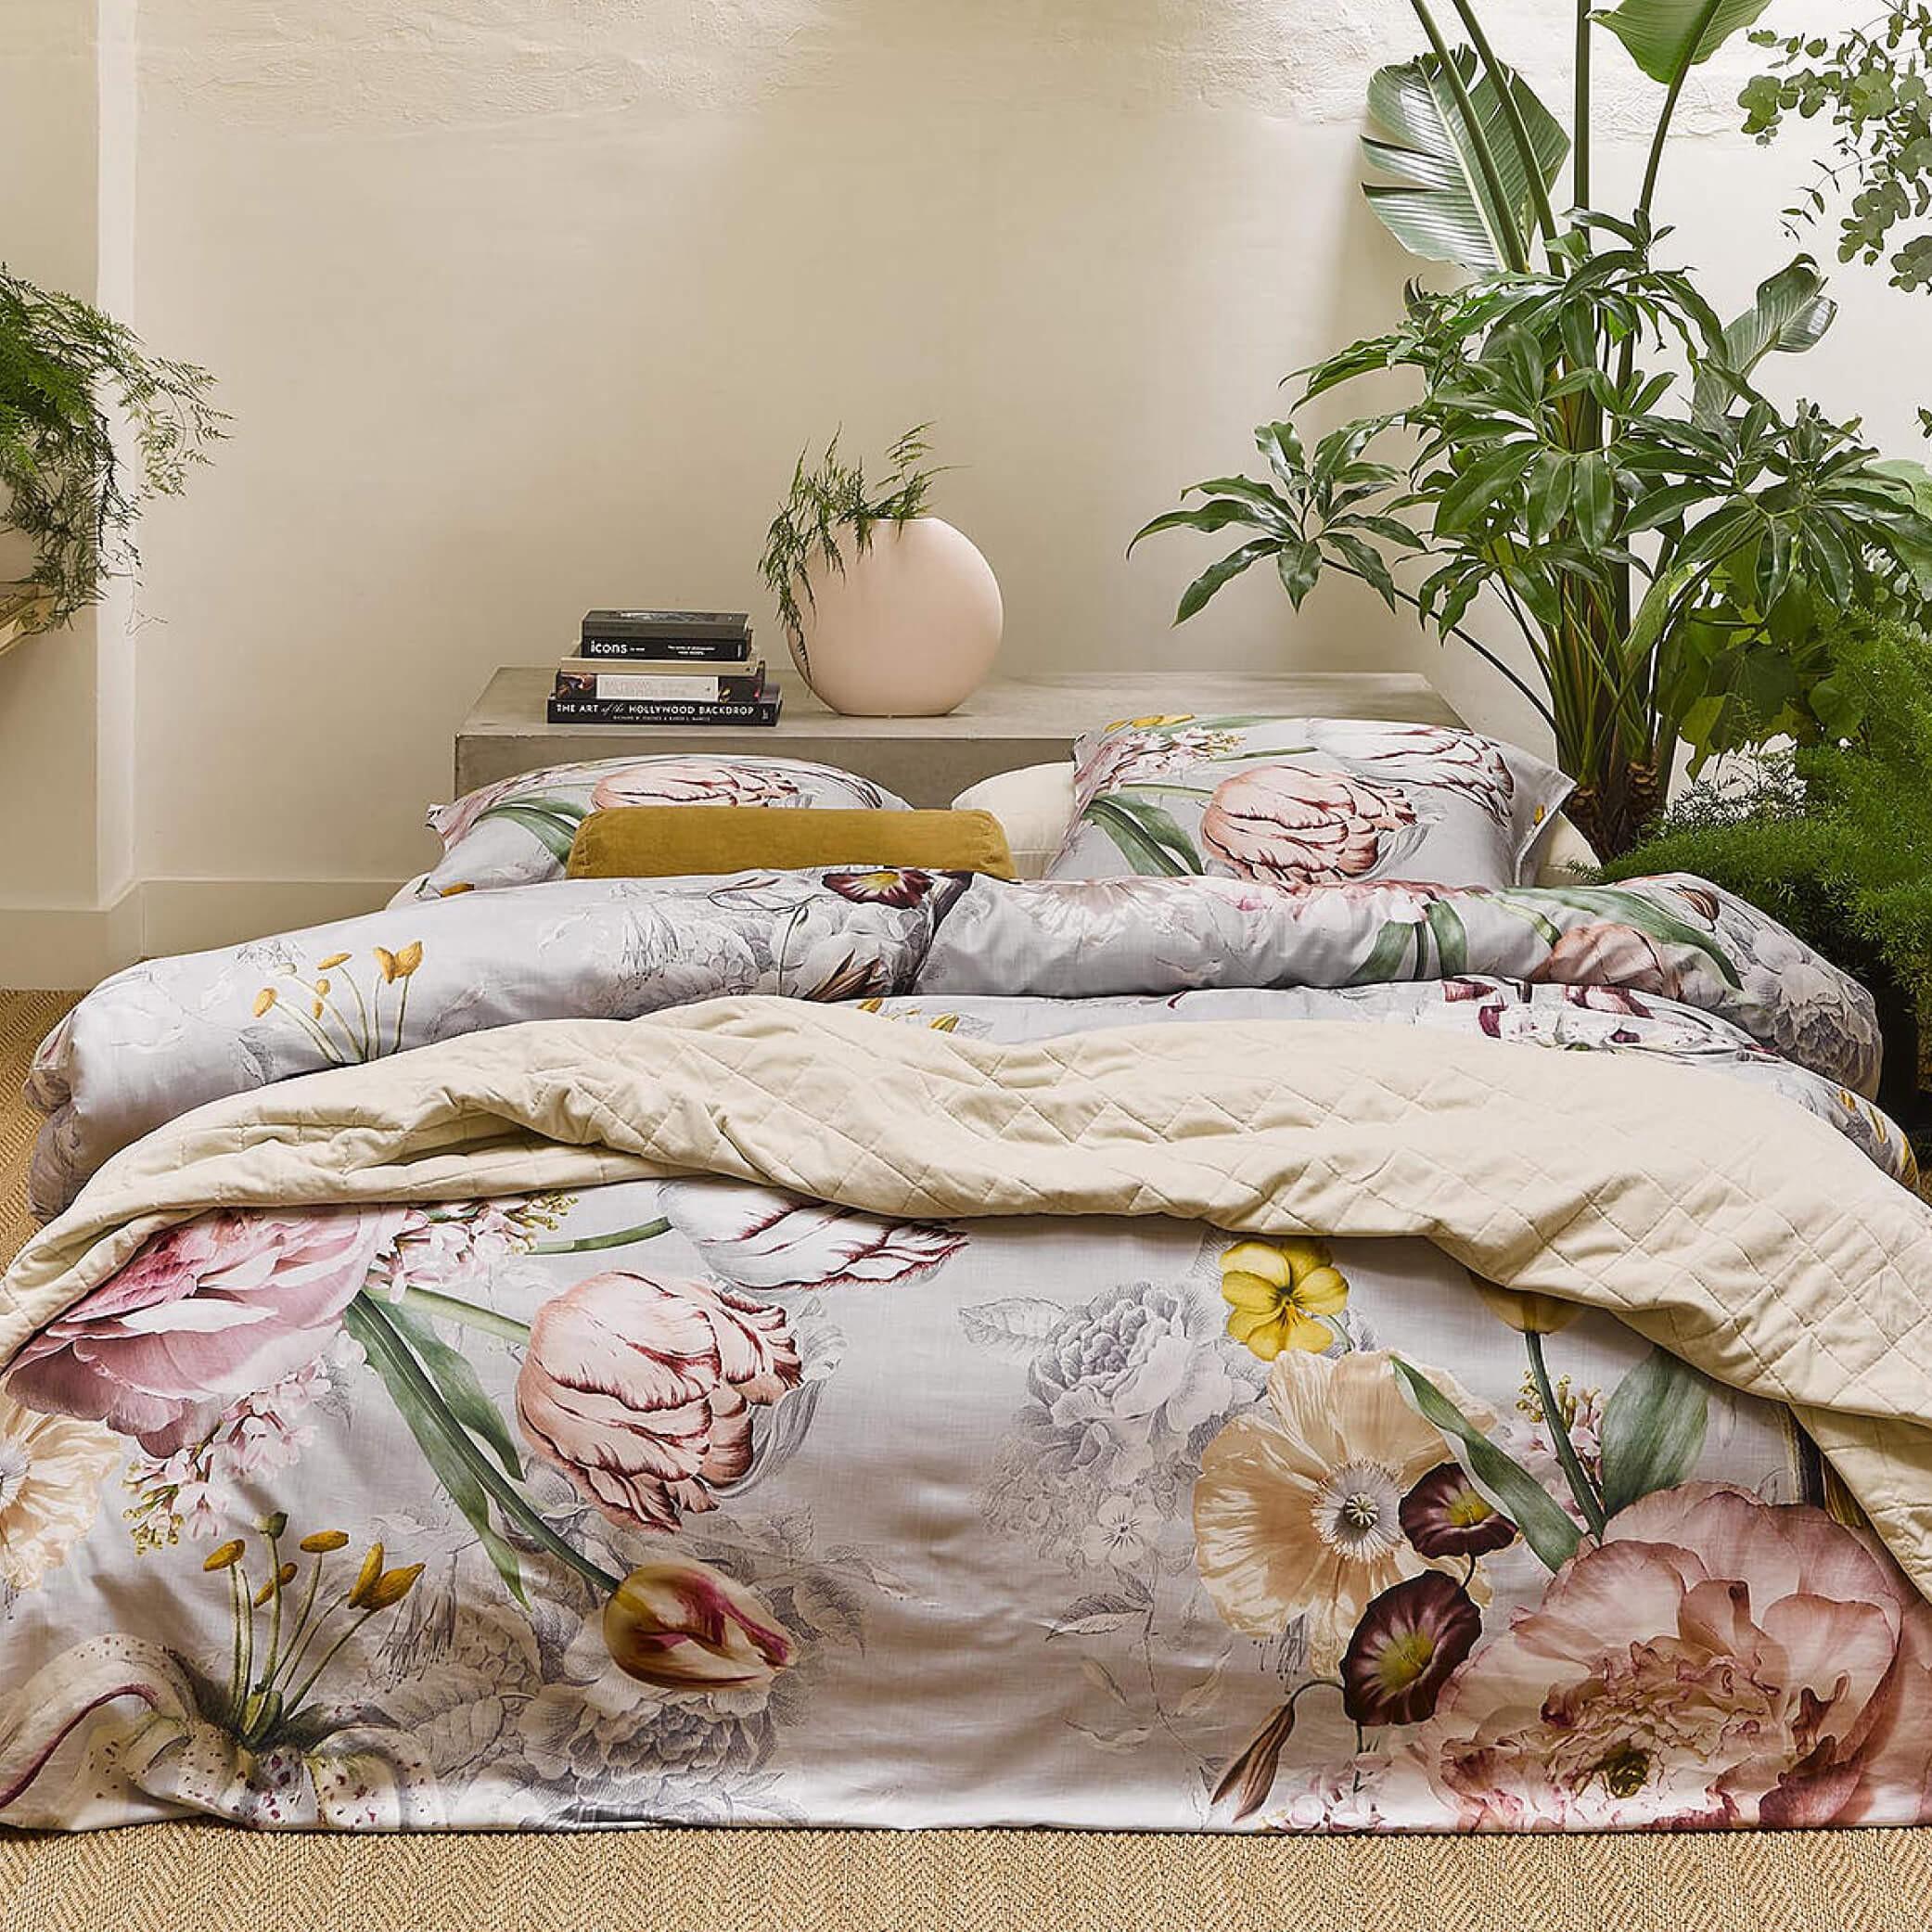 Bedruckte Bettwäsche aus Baumwollsatin AIMEE von Essenza